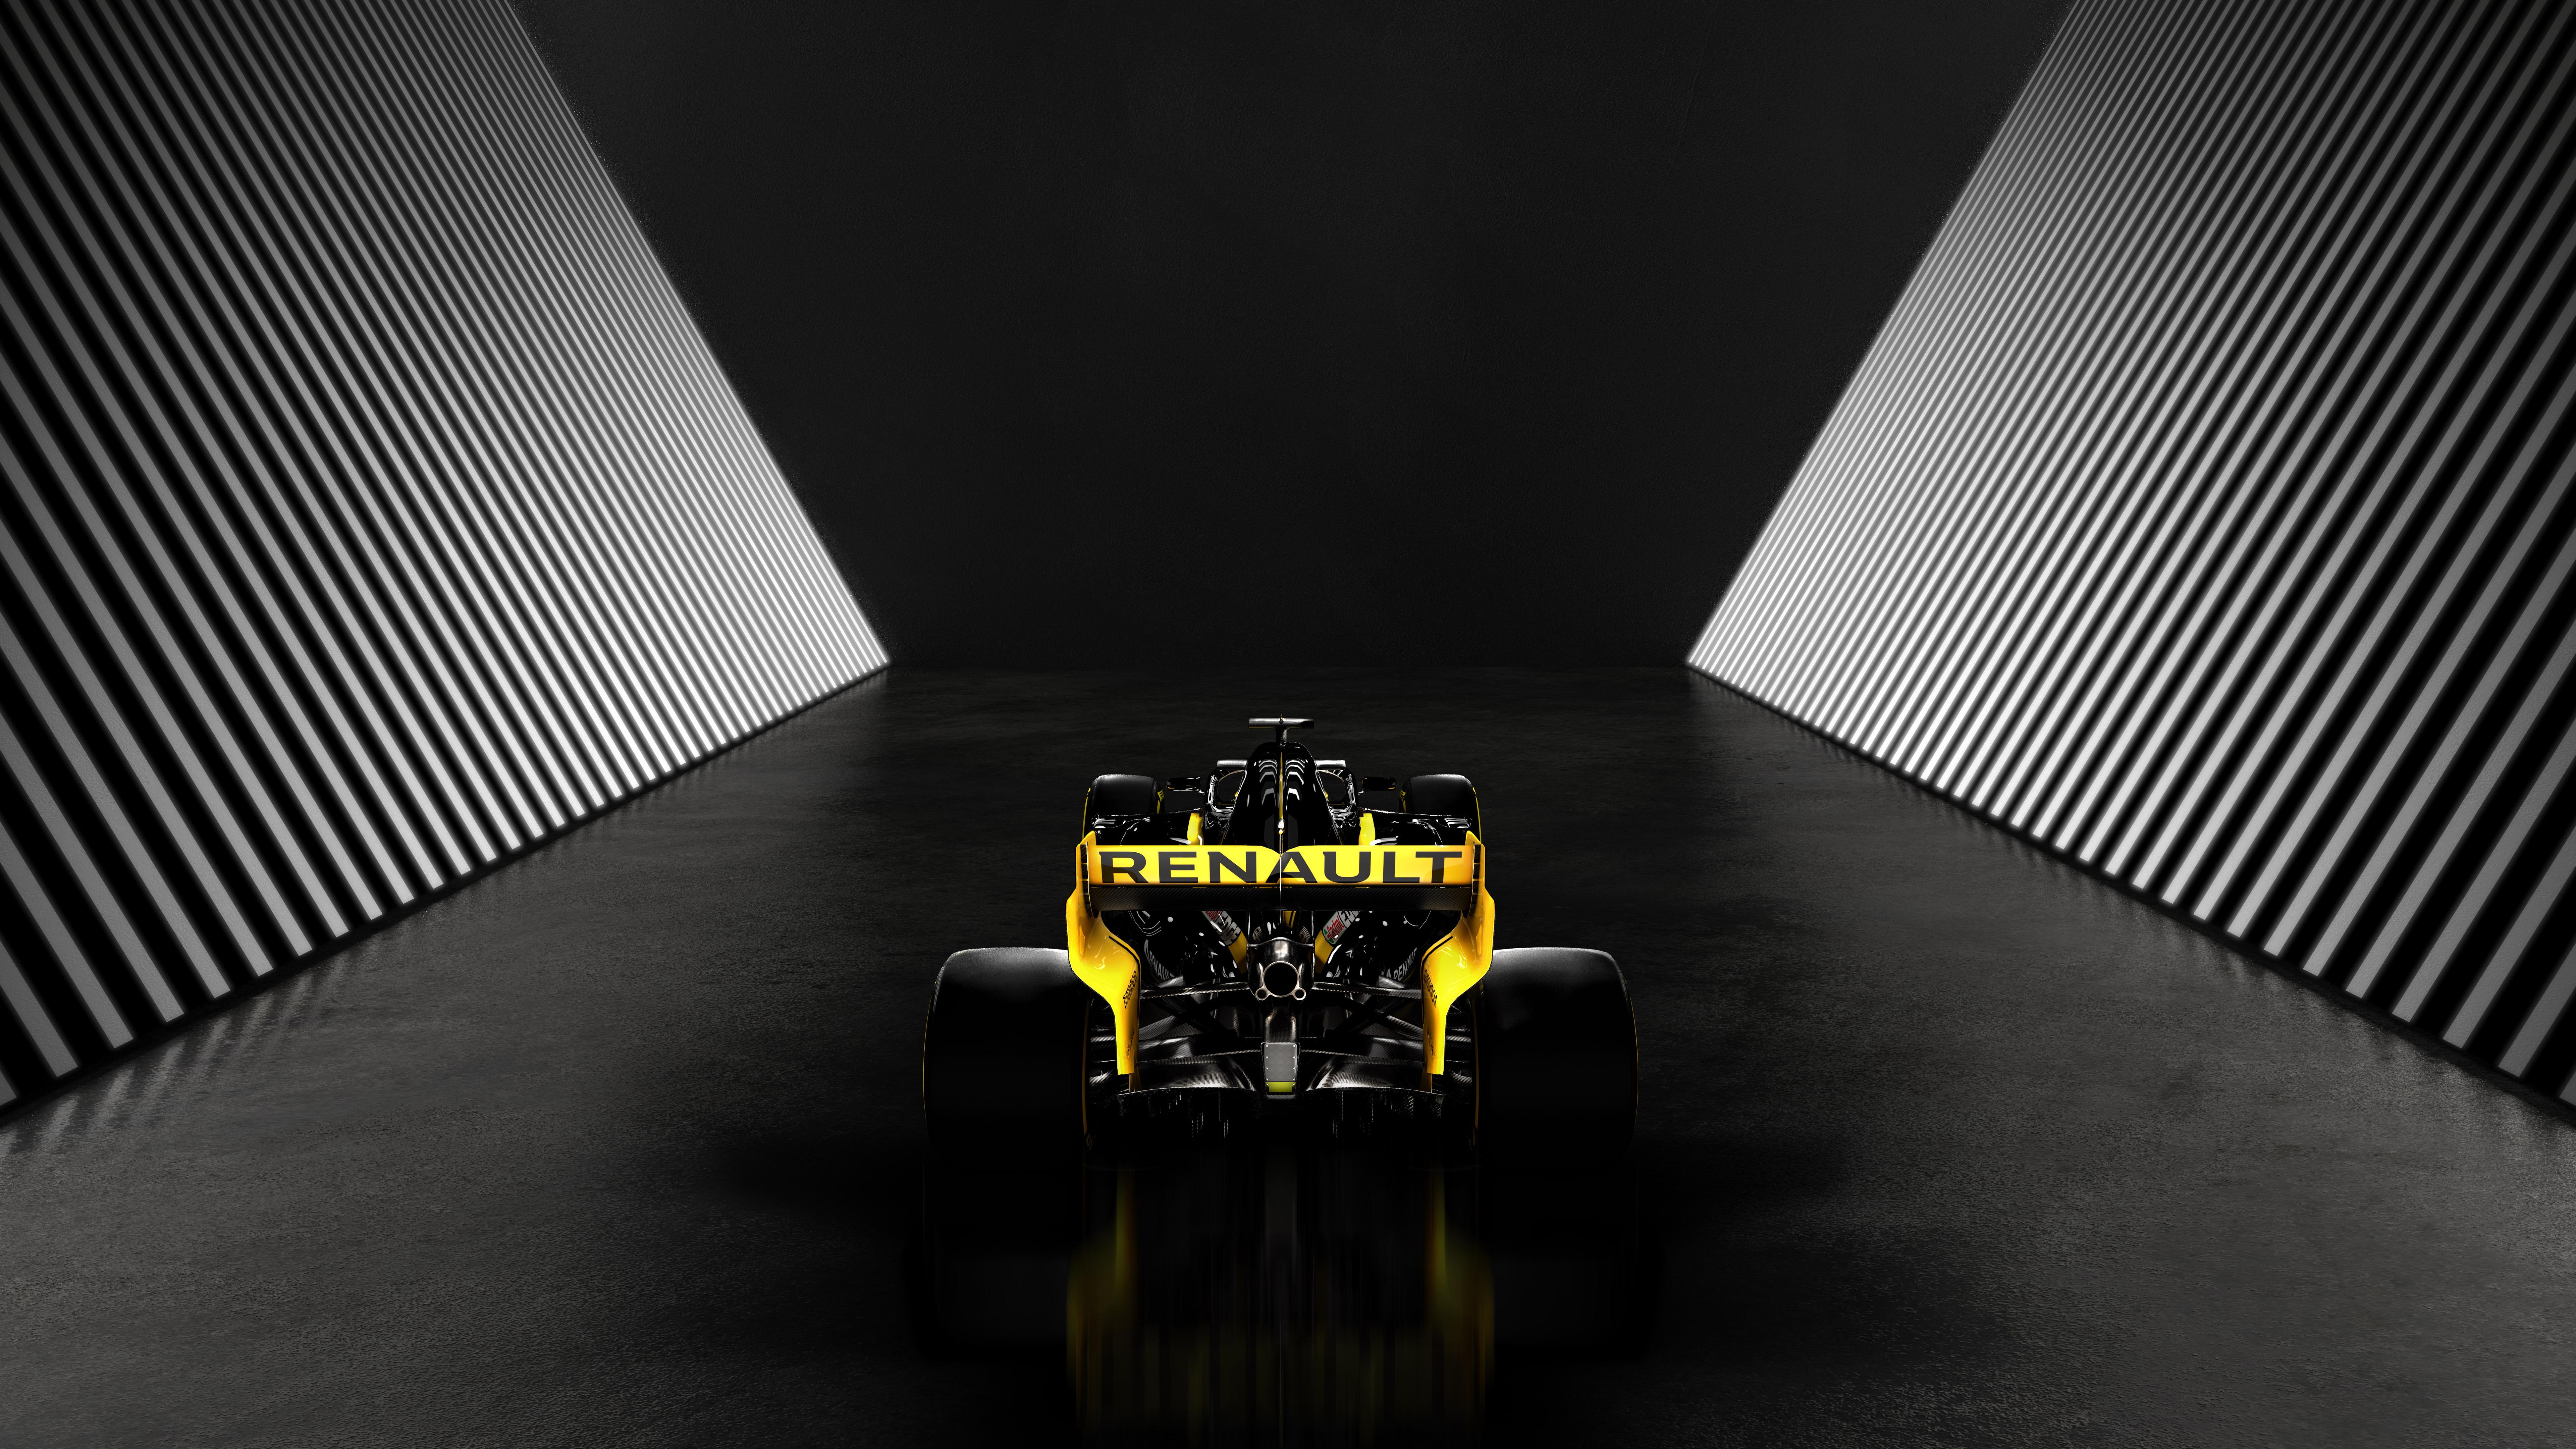 Renault RS19 Formula 1 2019 4K 8K Wallpaper HD Car Wallpapers 7680x4320